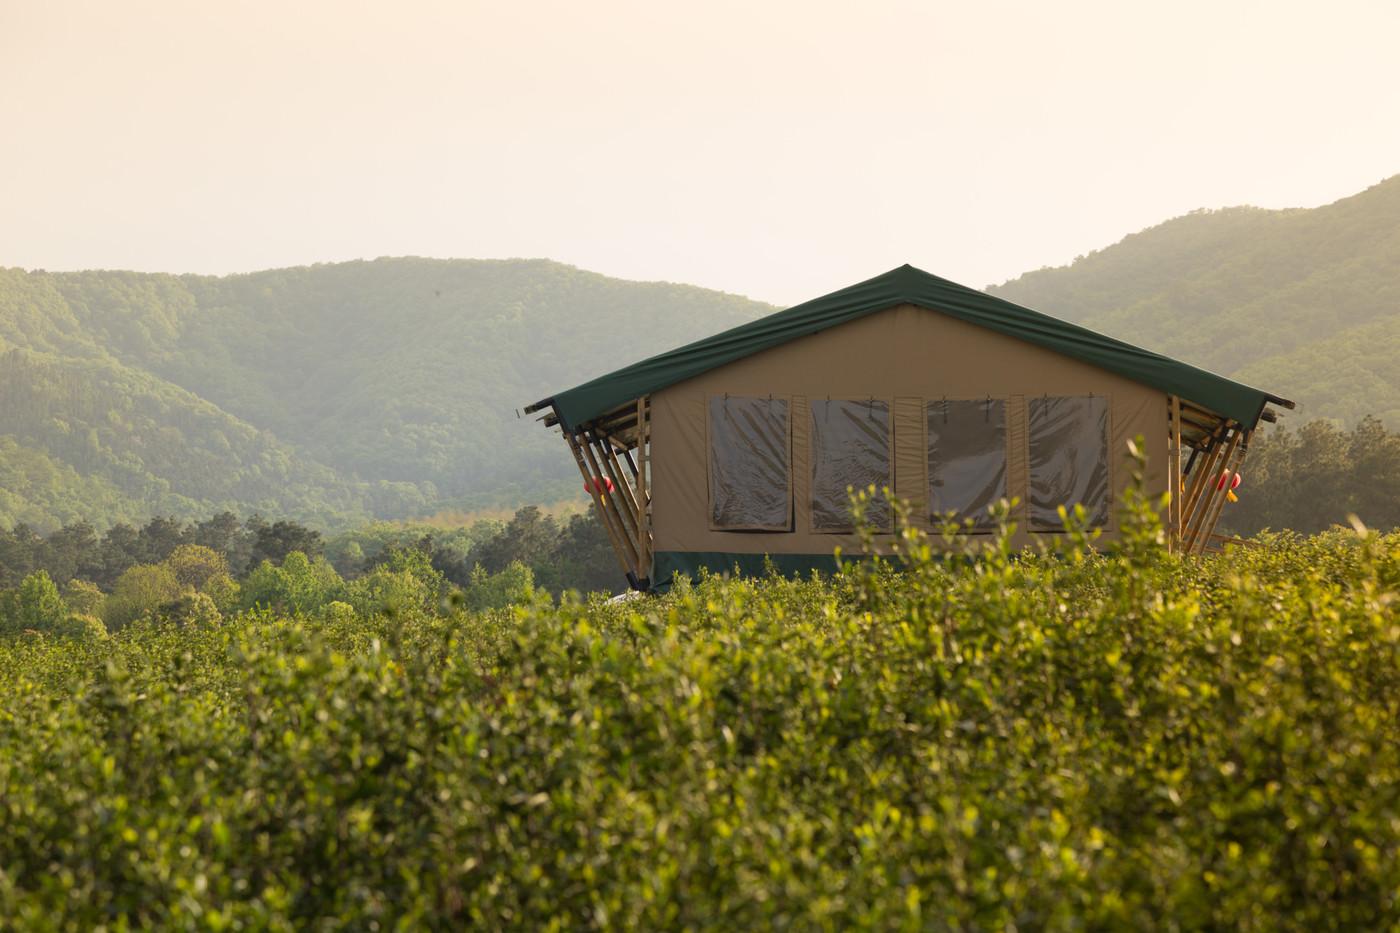 喜马拉雅野奢帐篷酒店—江苏常州茅山宝盛园2期茶田帐篷酒店14